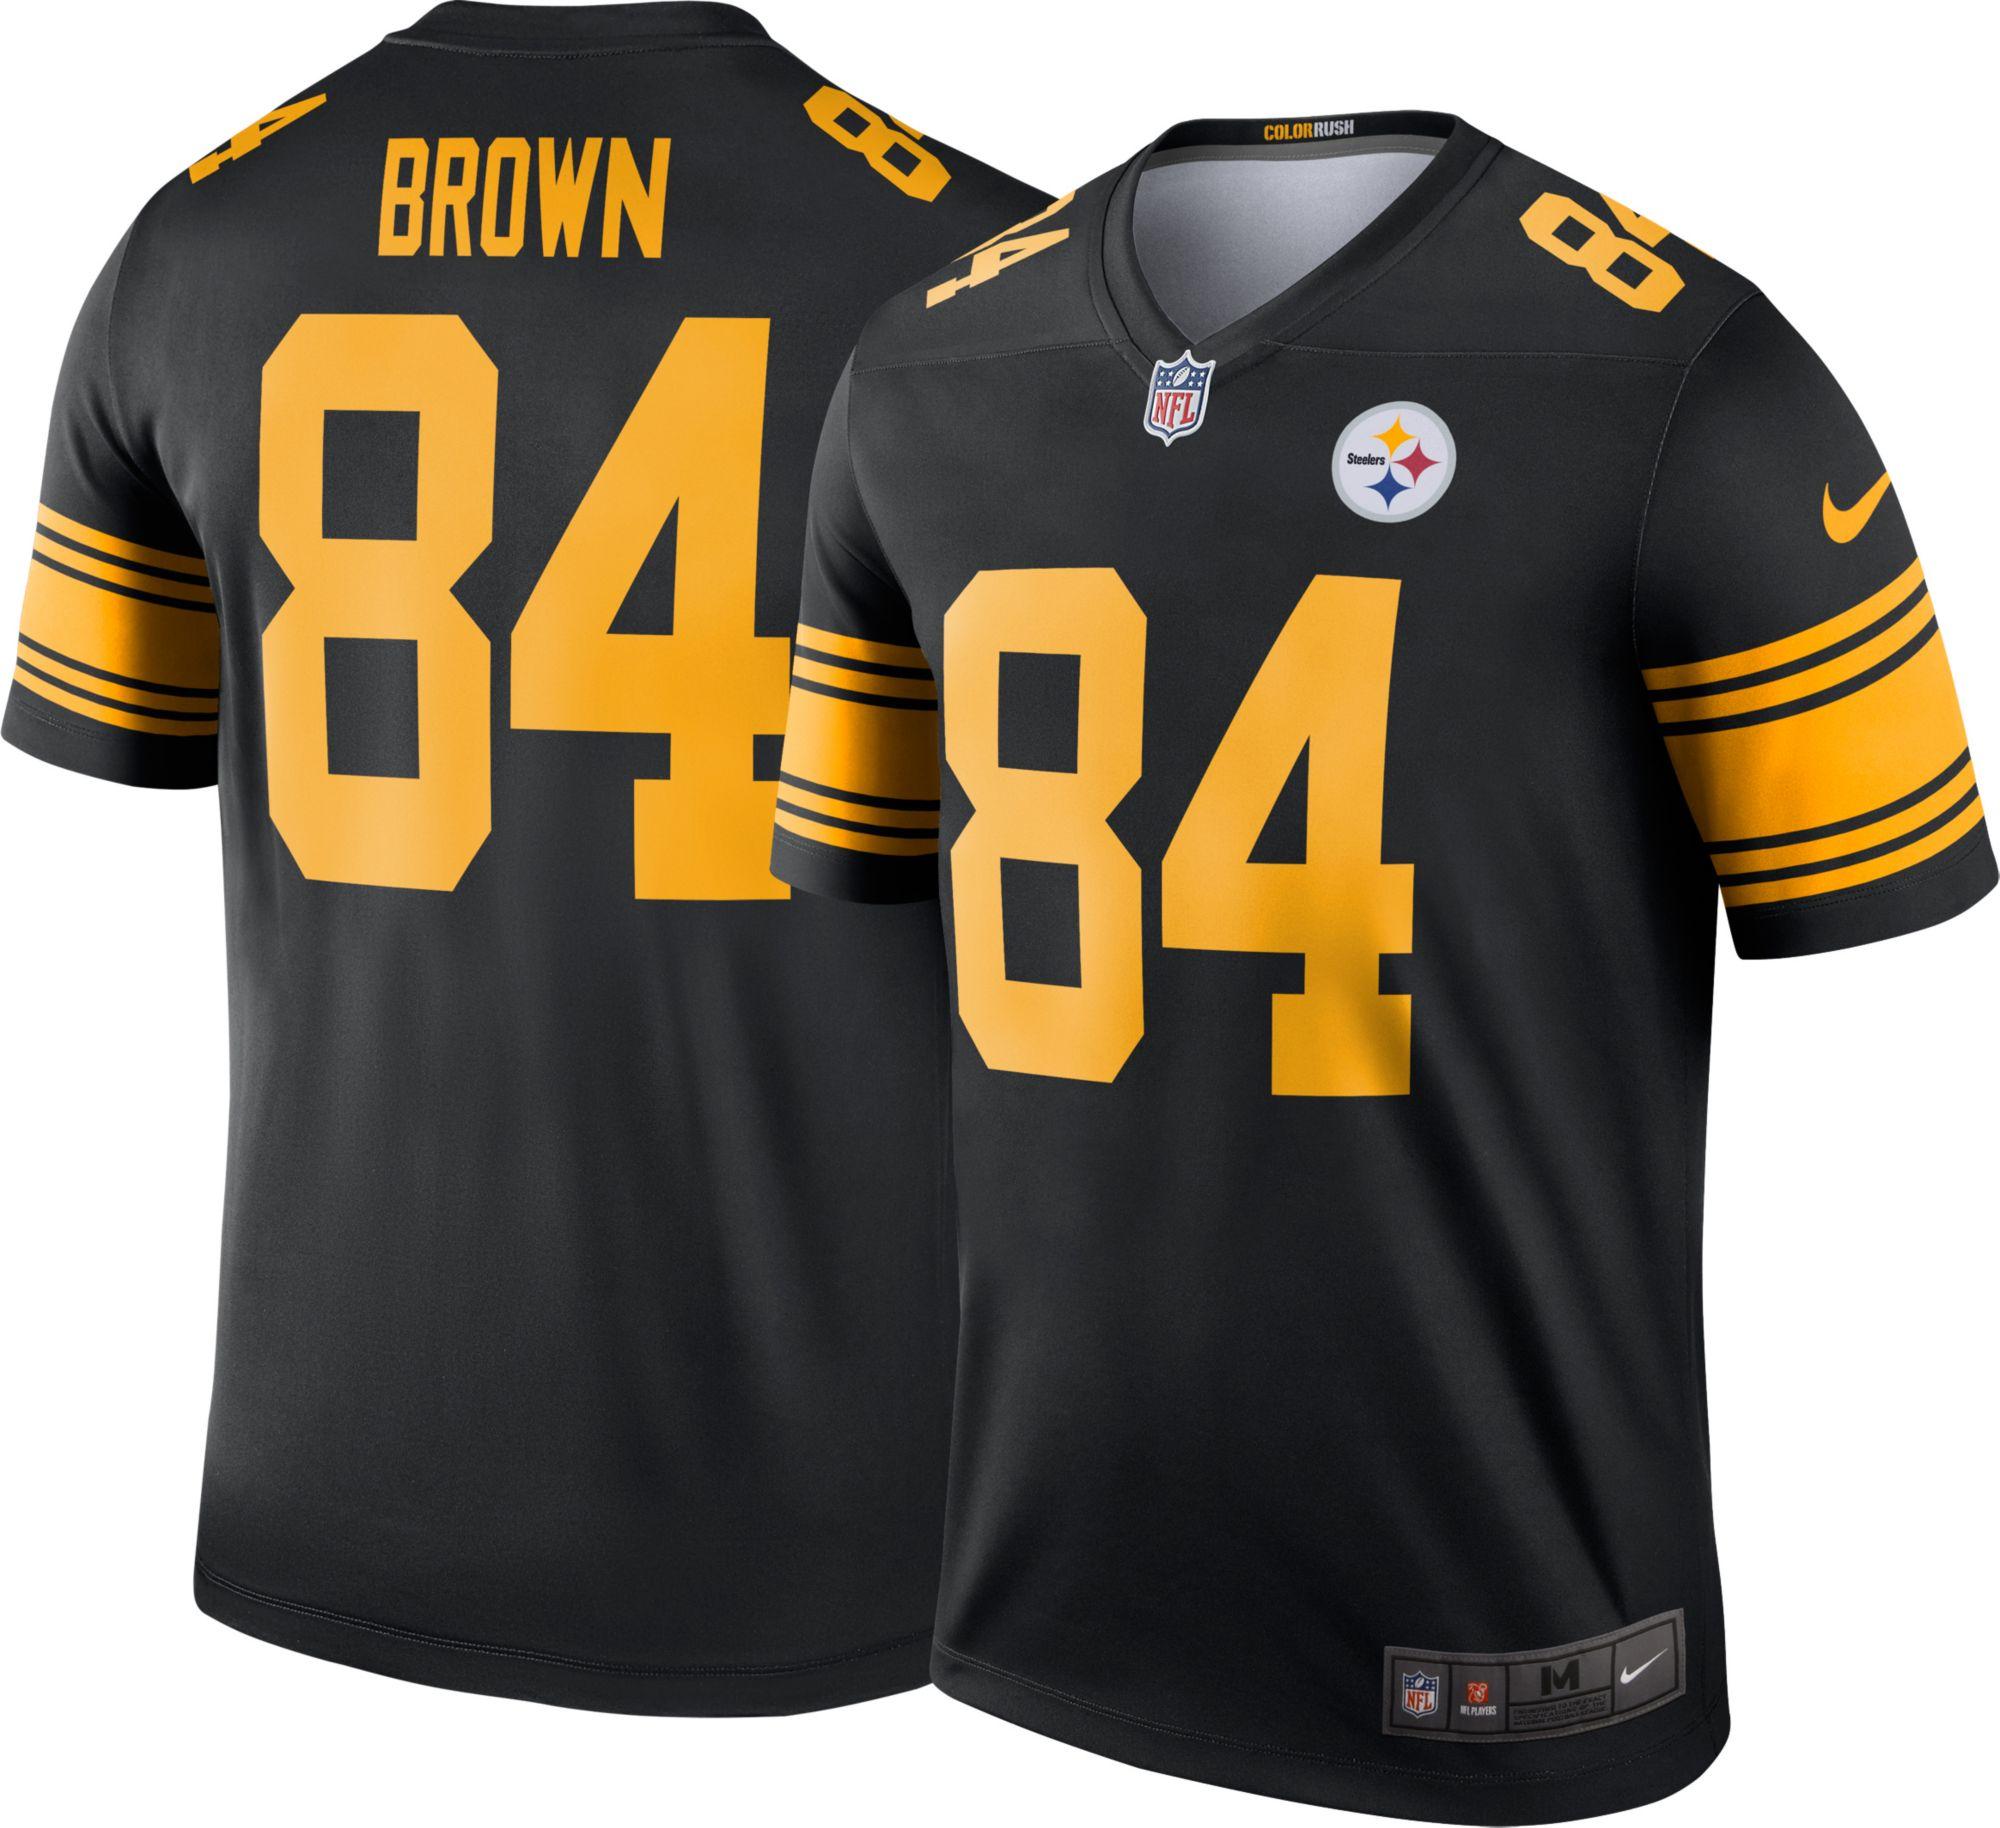 Nike Men s Color Rush 2016 Pittsburgh Steelers Antonio Brown 84